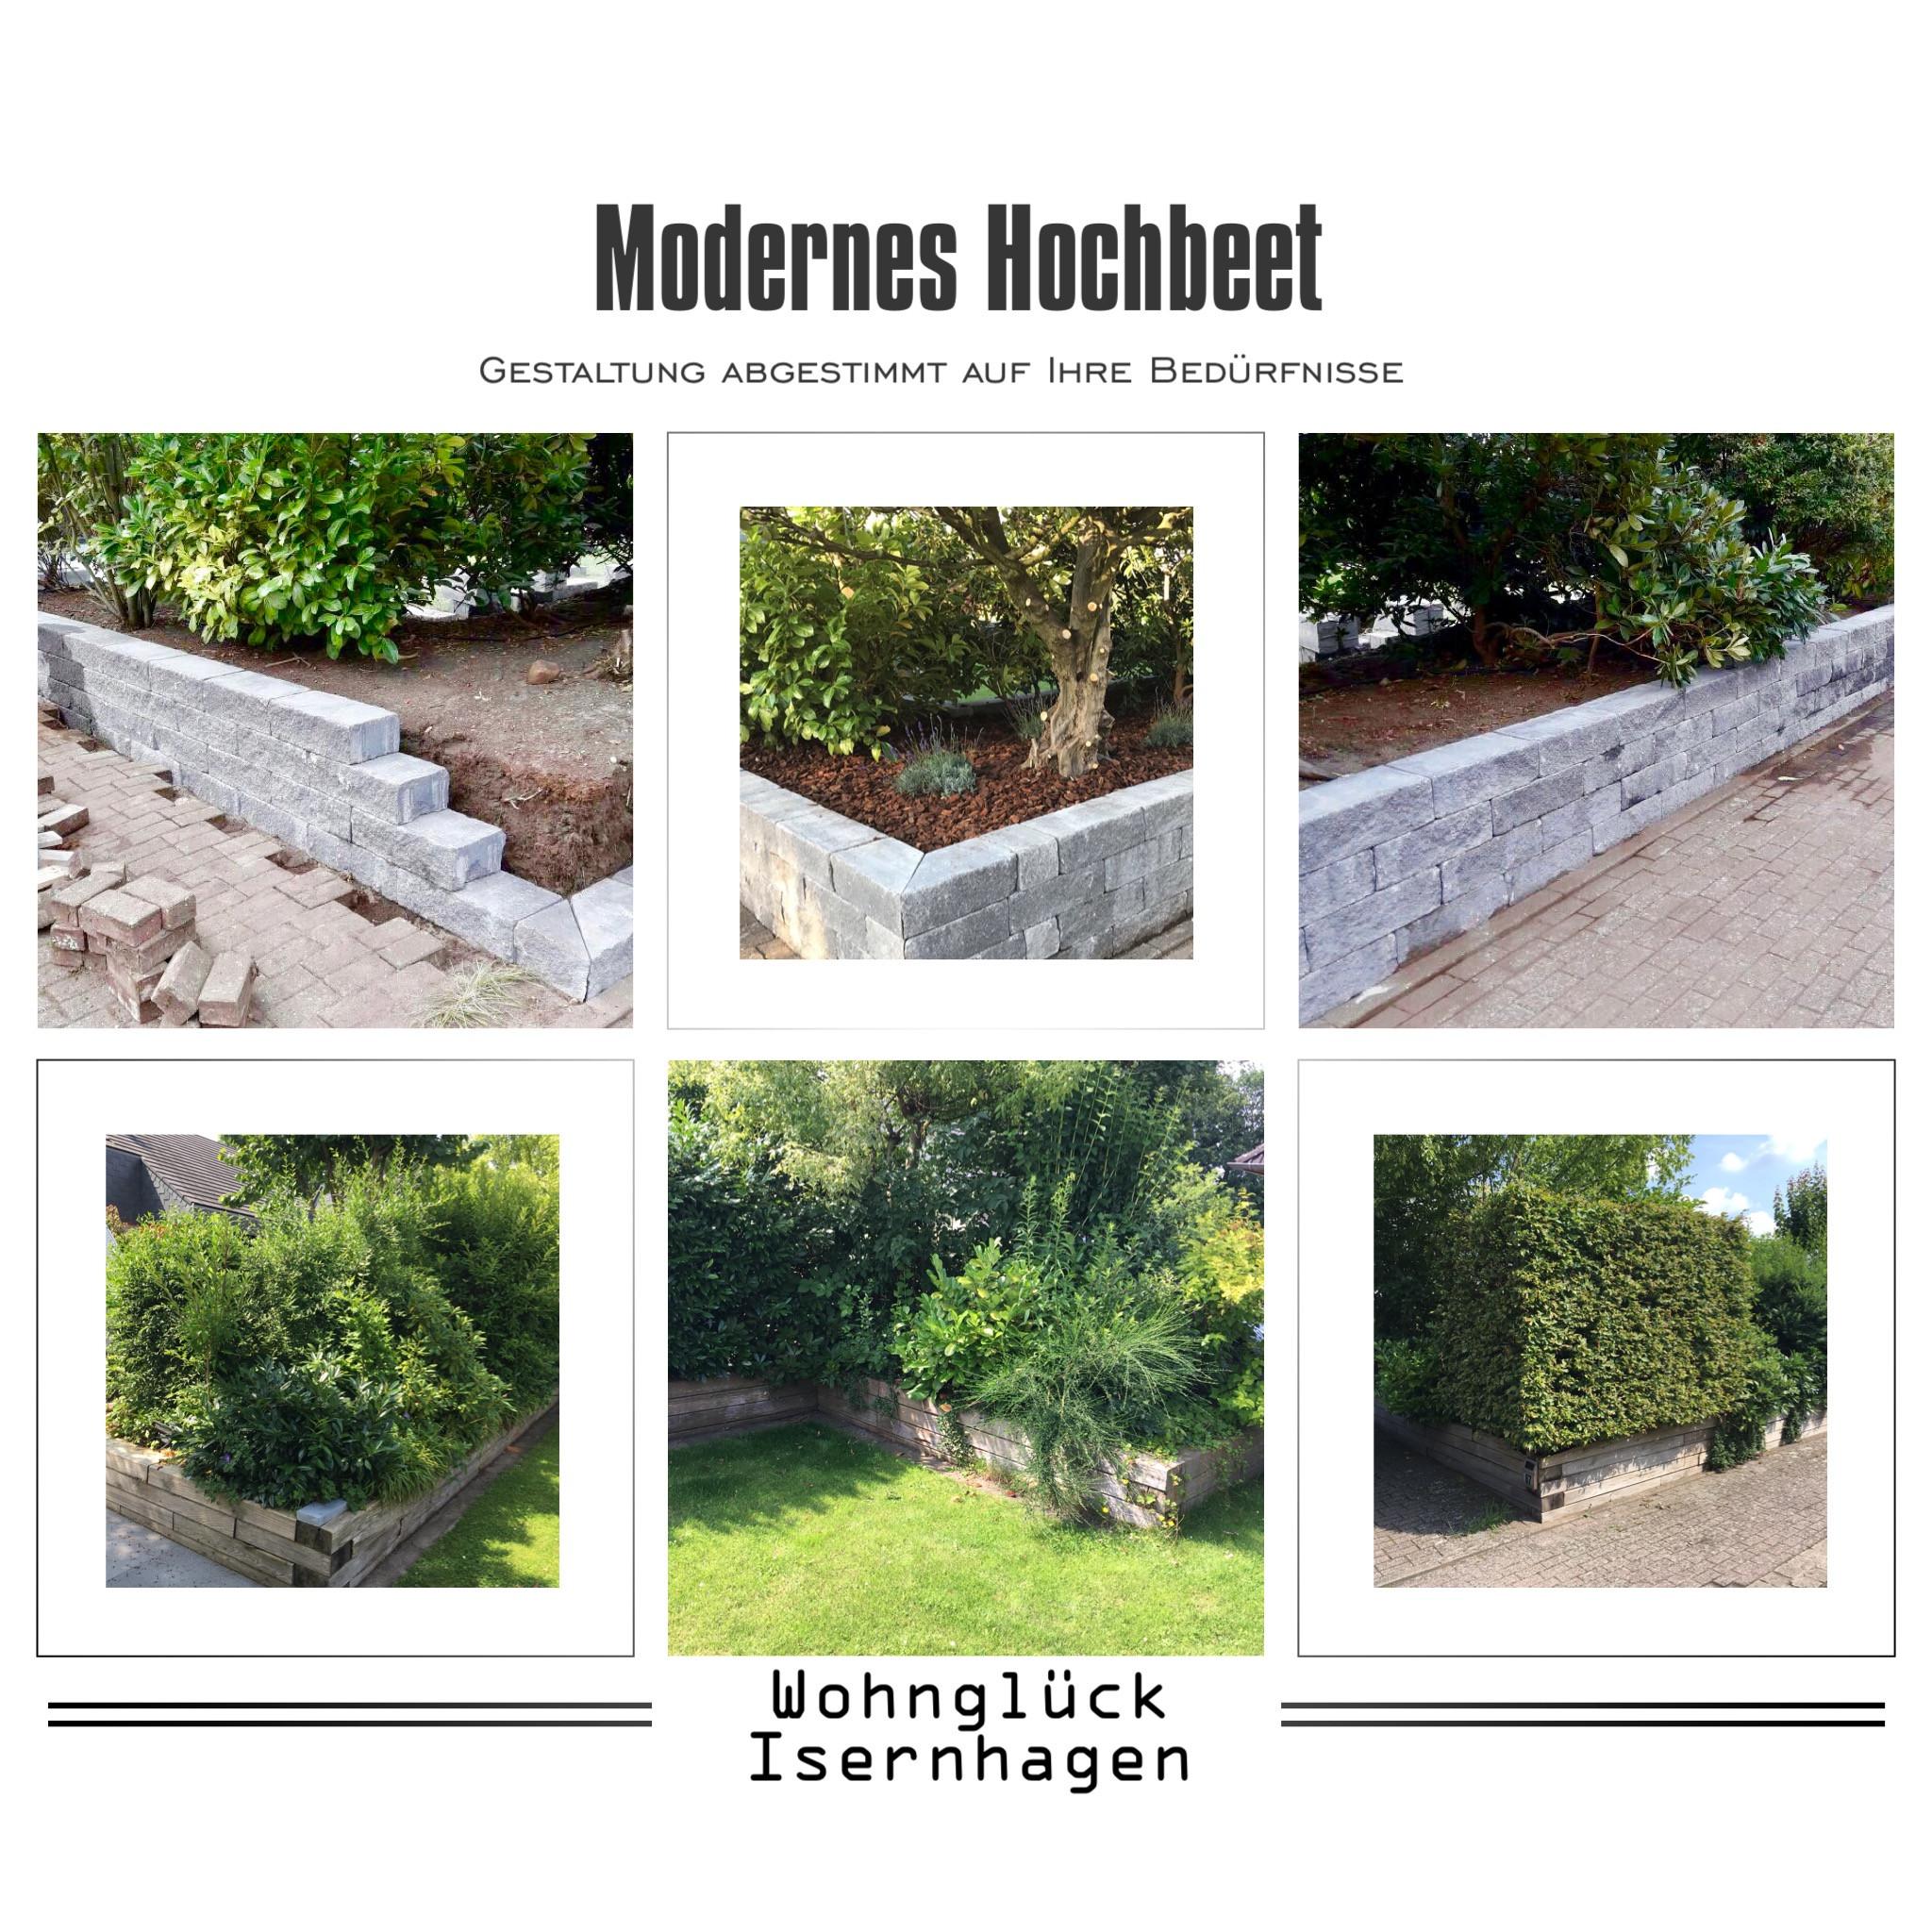 Modernes Hochbeet Mit Begrunung Als Sichtschutz Statt Zaun